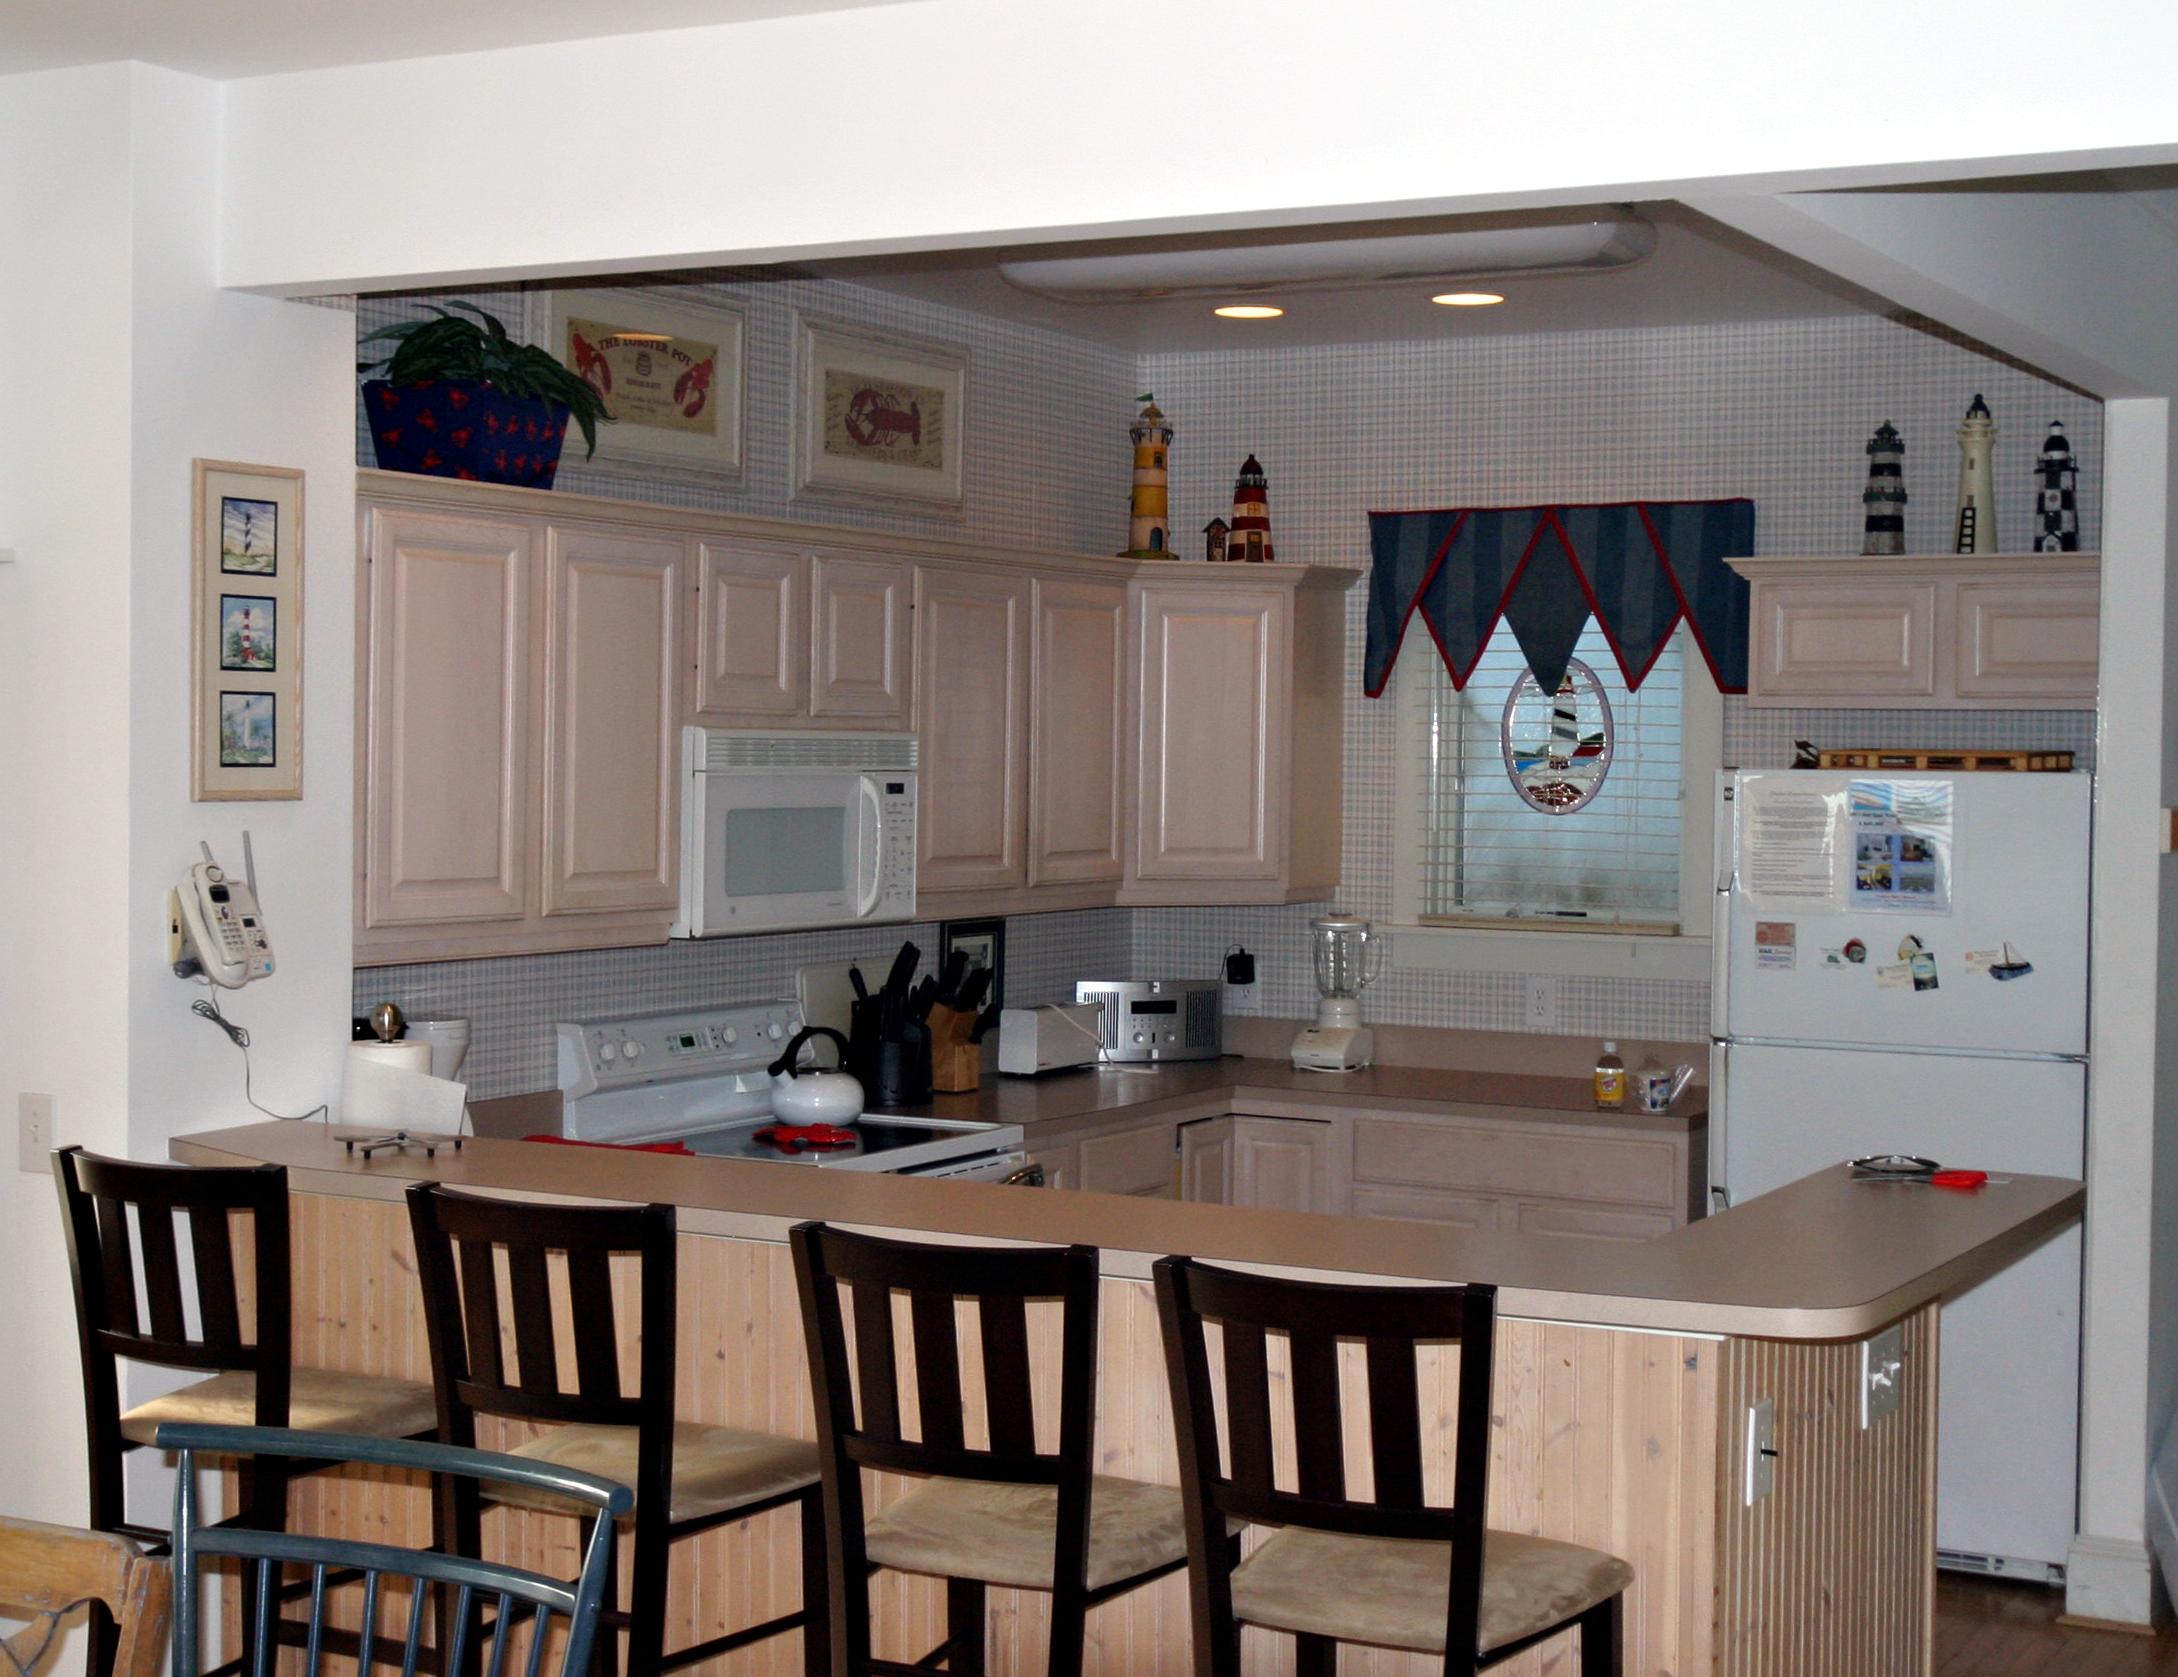 små-køkken-layout-ideer-er-en-af-det-bedste-idé-til-dig-til-redecorate-din-køkken-20